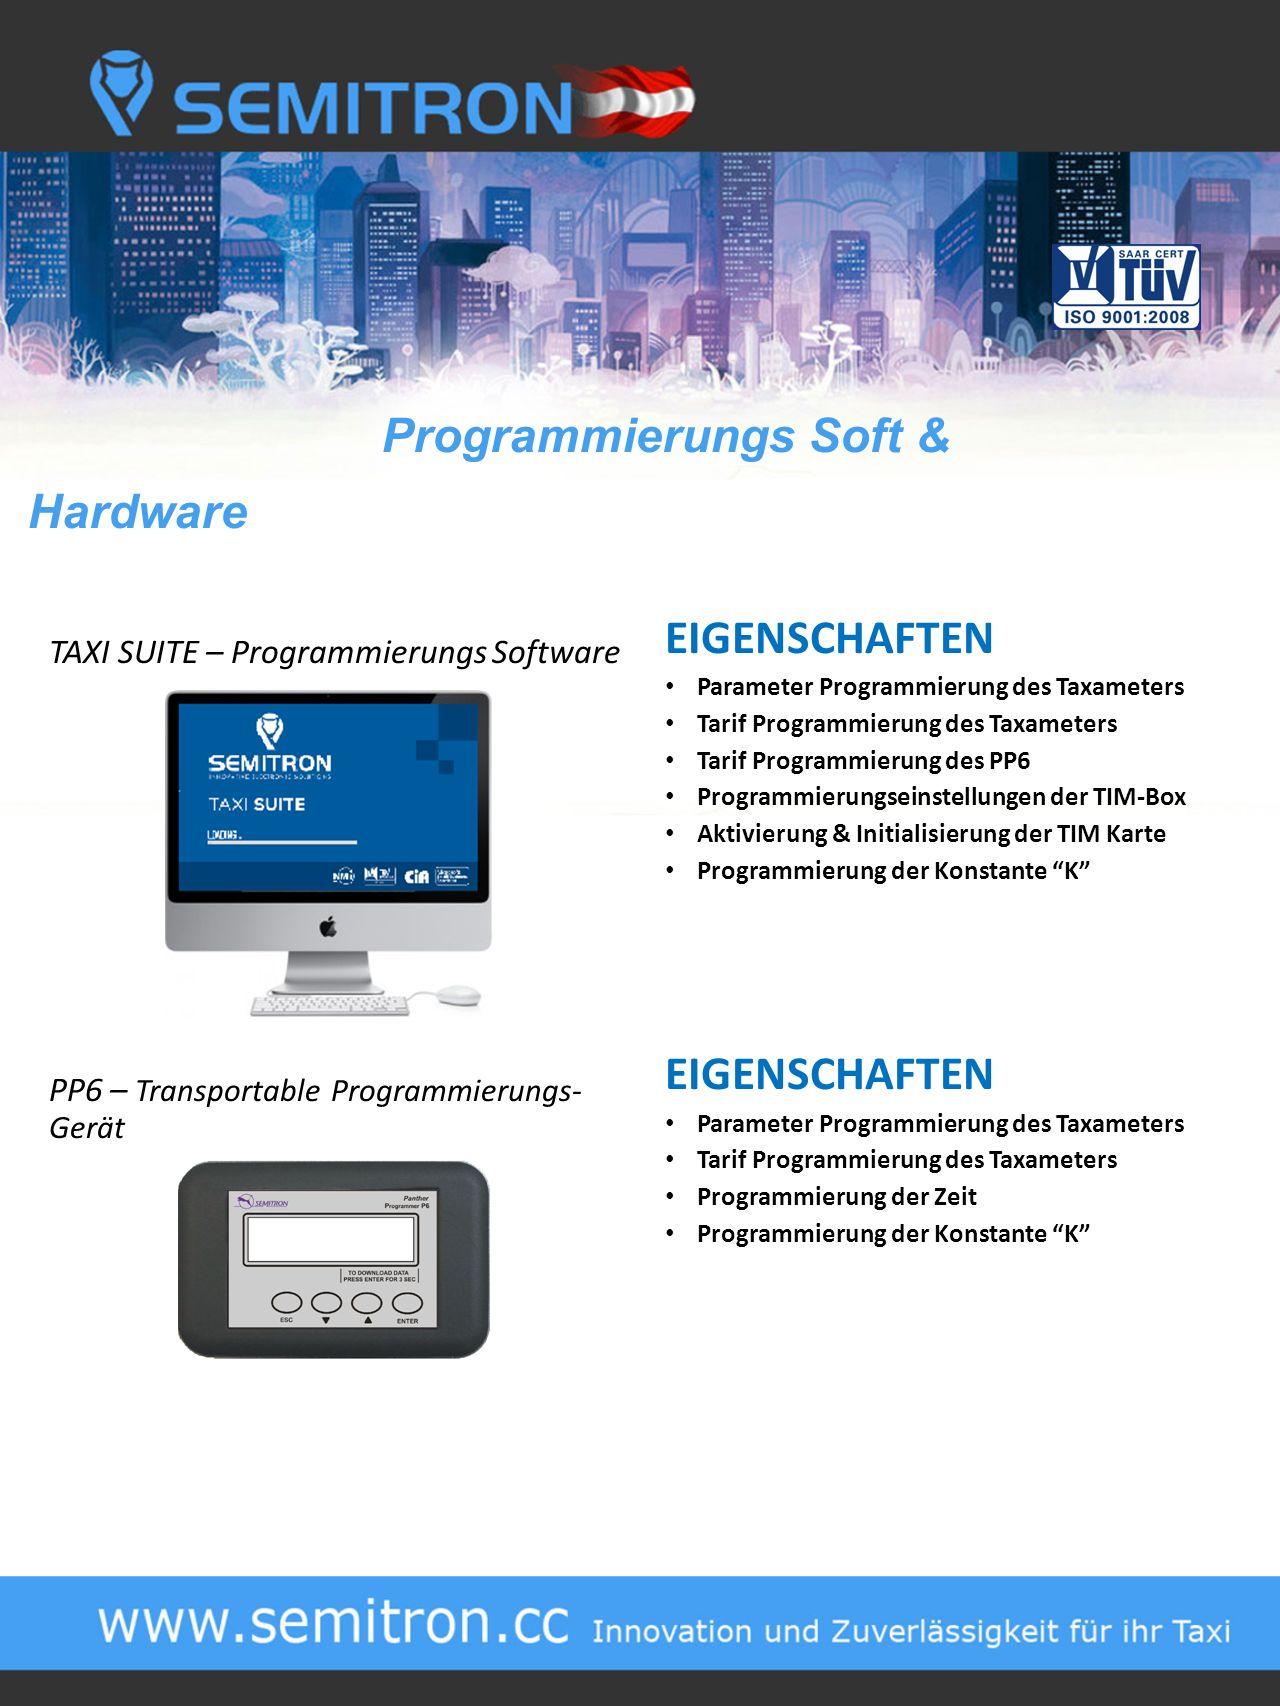 Programmierungs Soft & Hardware